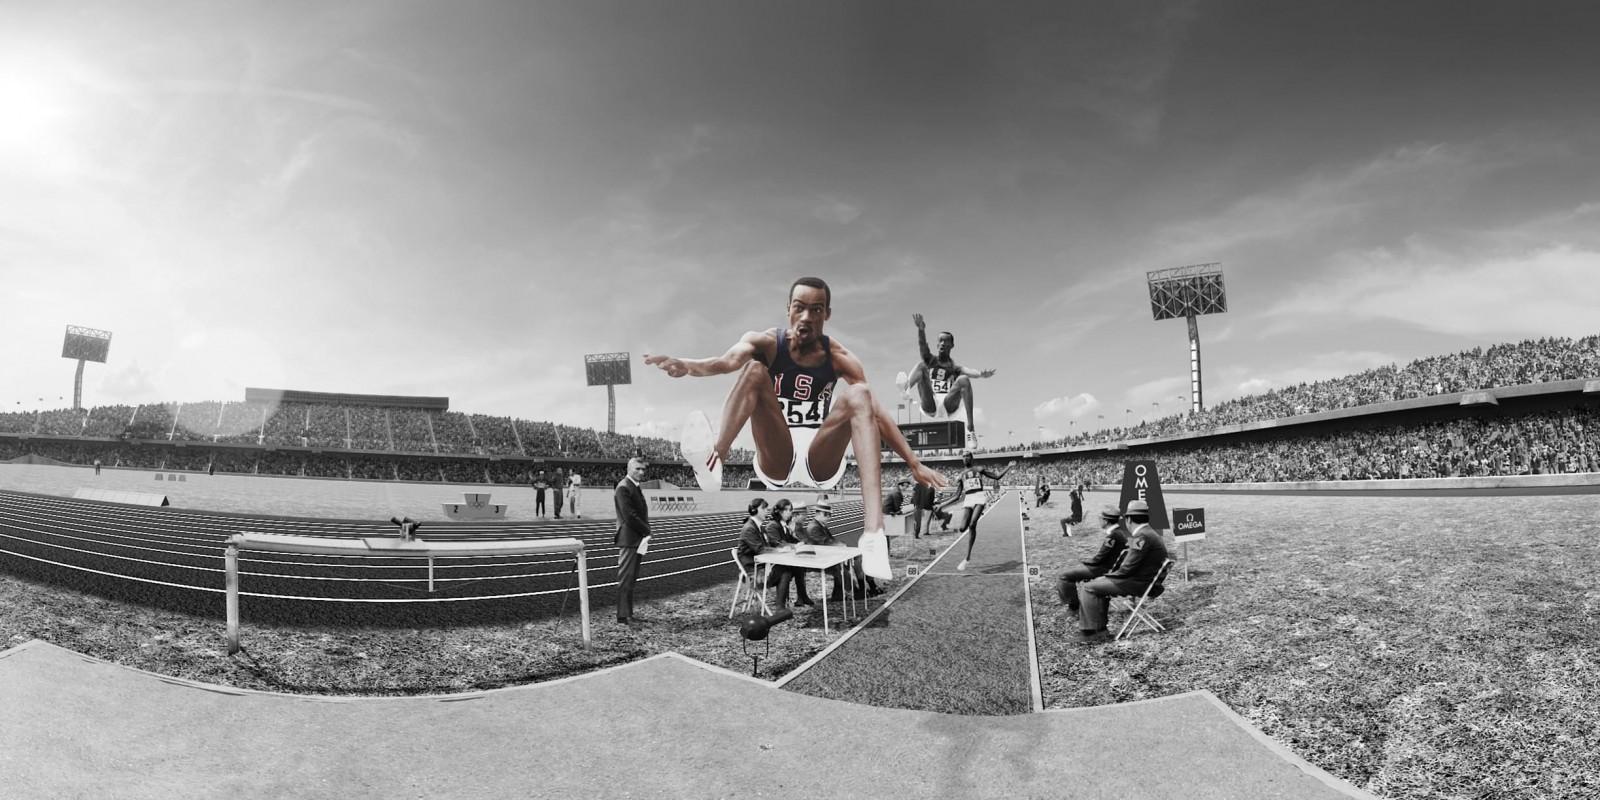 Издание New York Times продемонстрировало олимпийские стадионы благодаря виртуальной реальности